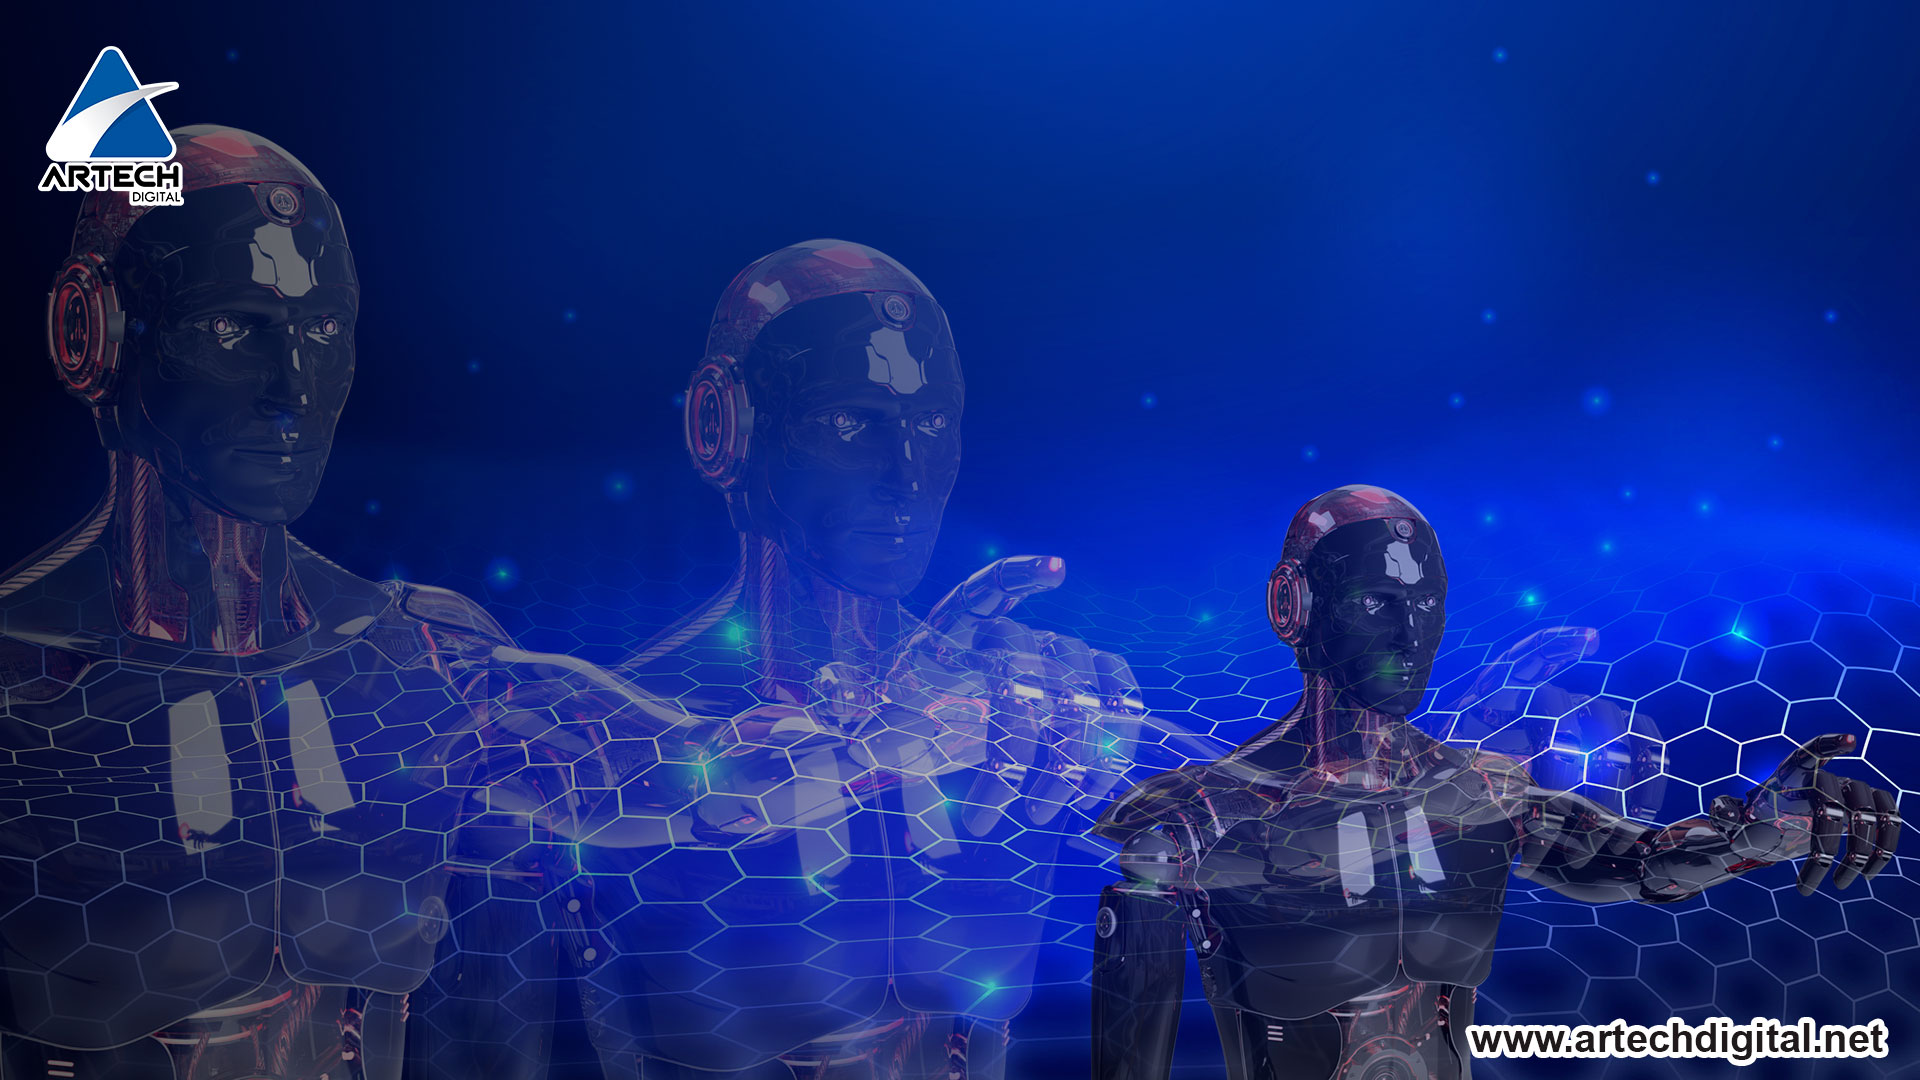 Robótica - Artech Digital